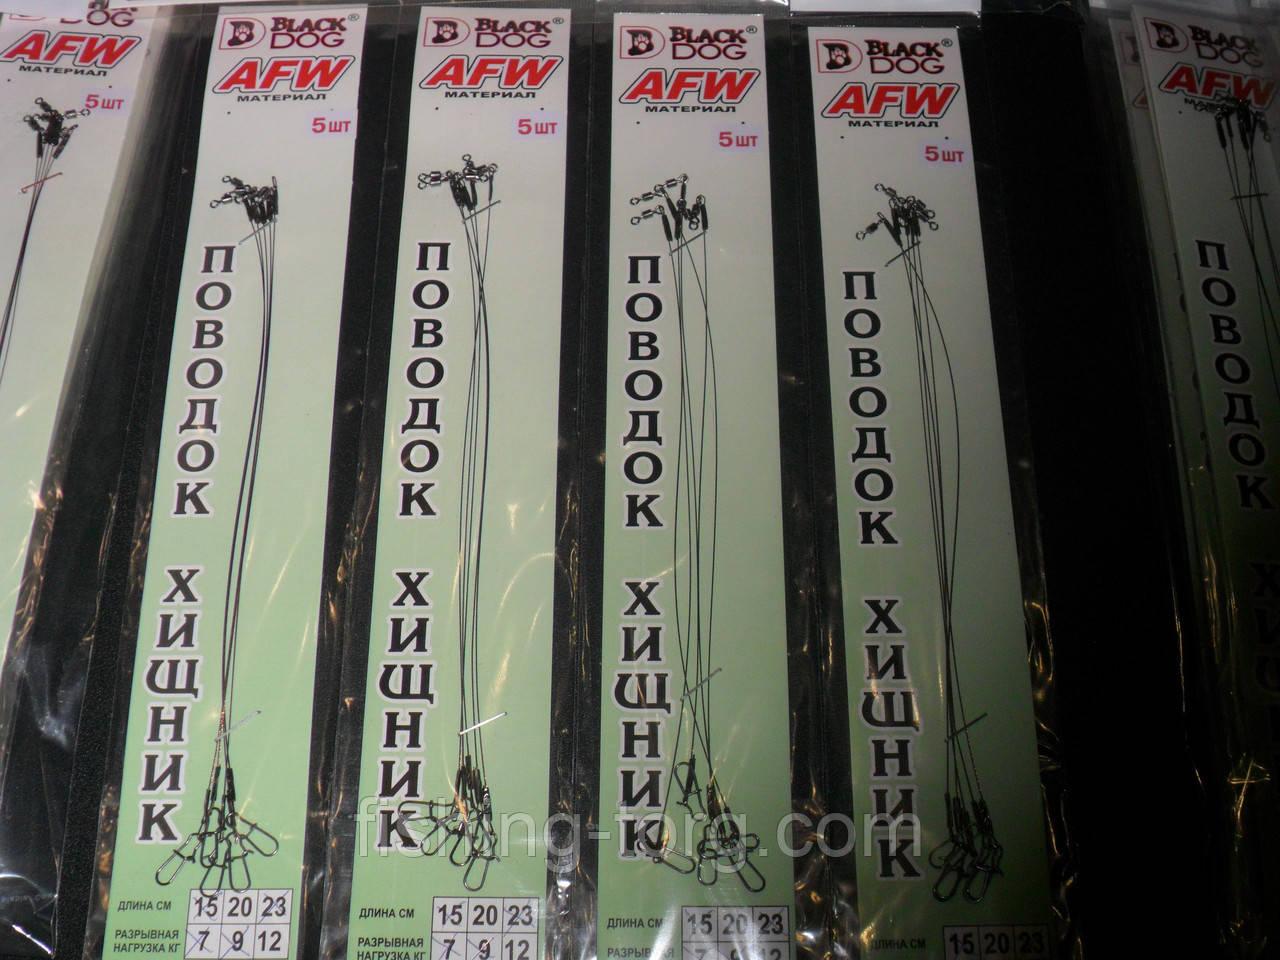 Поводки BLACK-DOG 5 шт 15 см